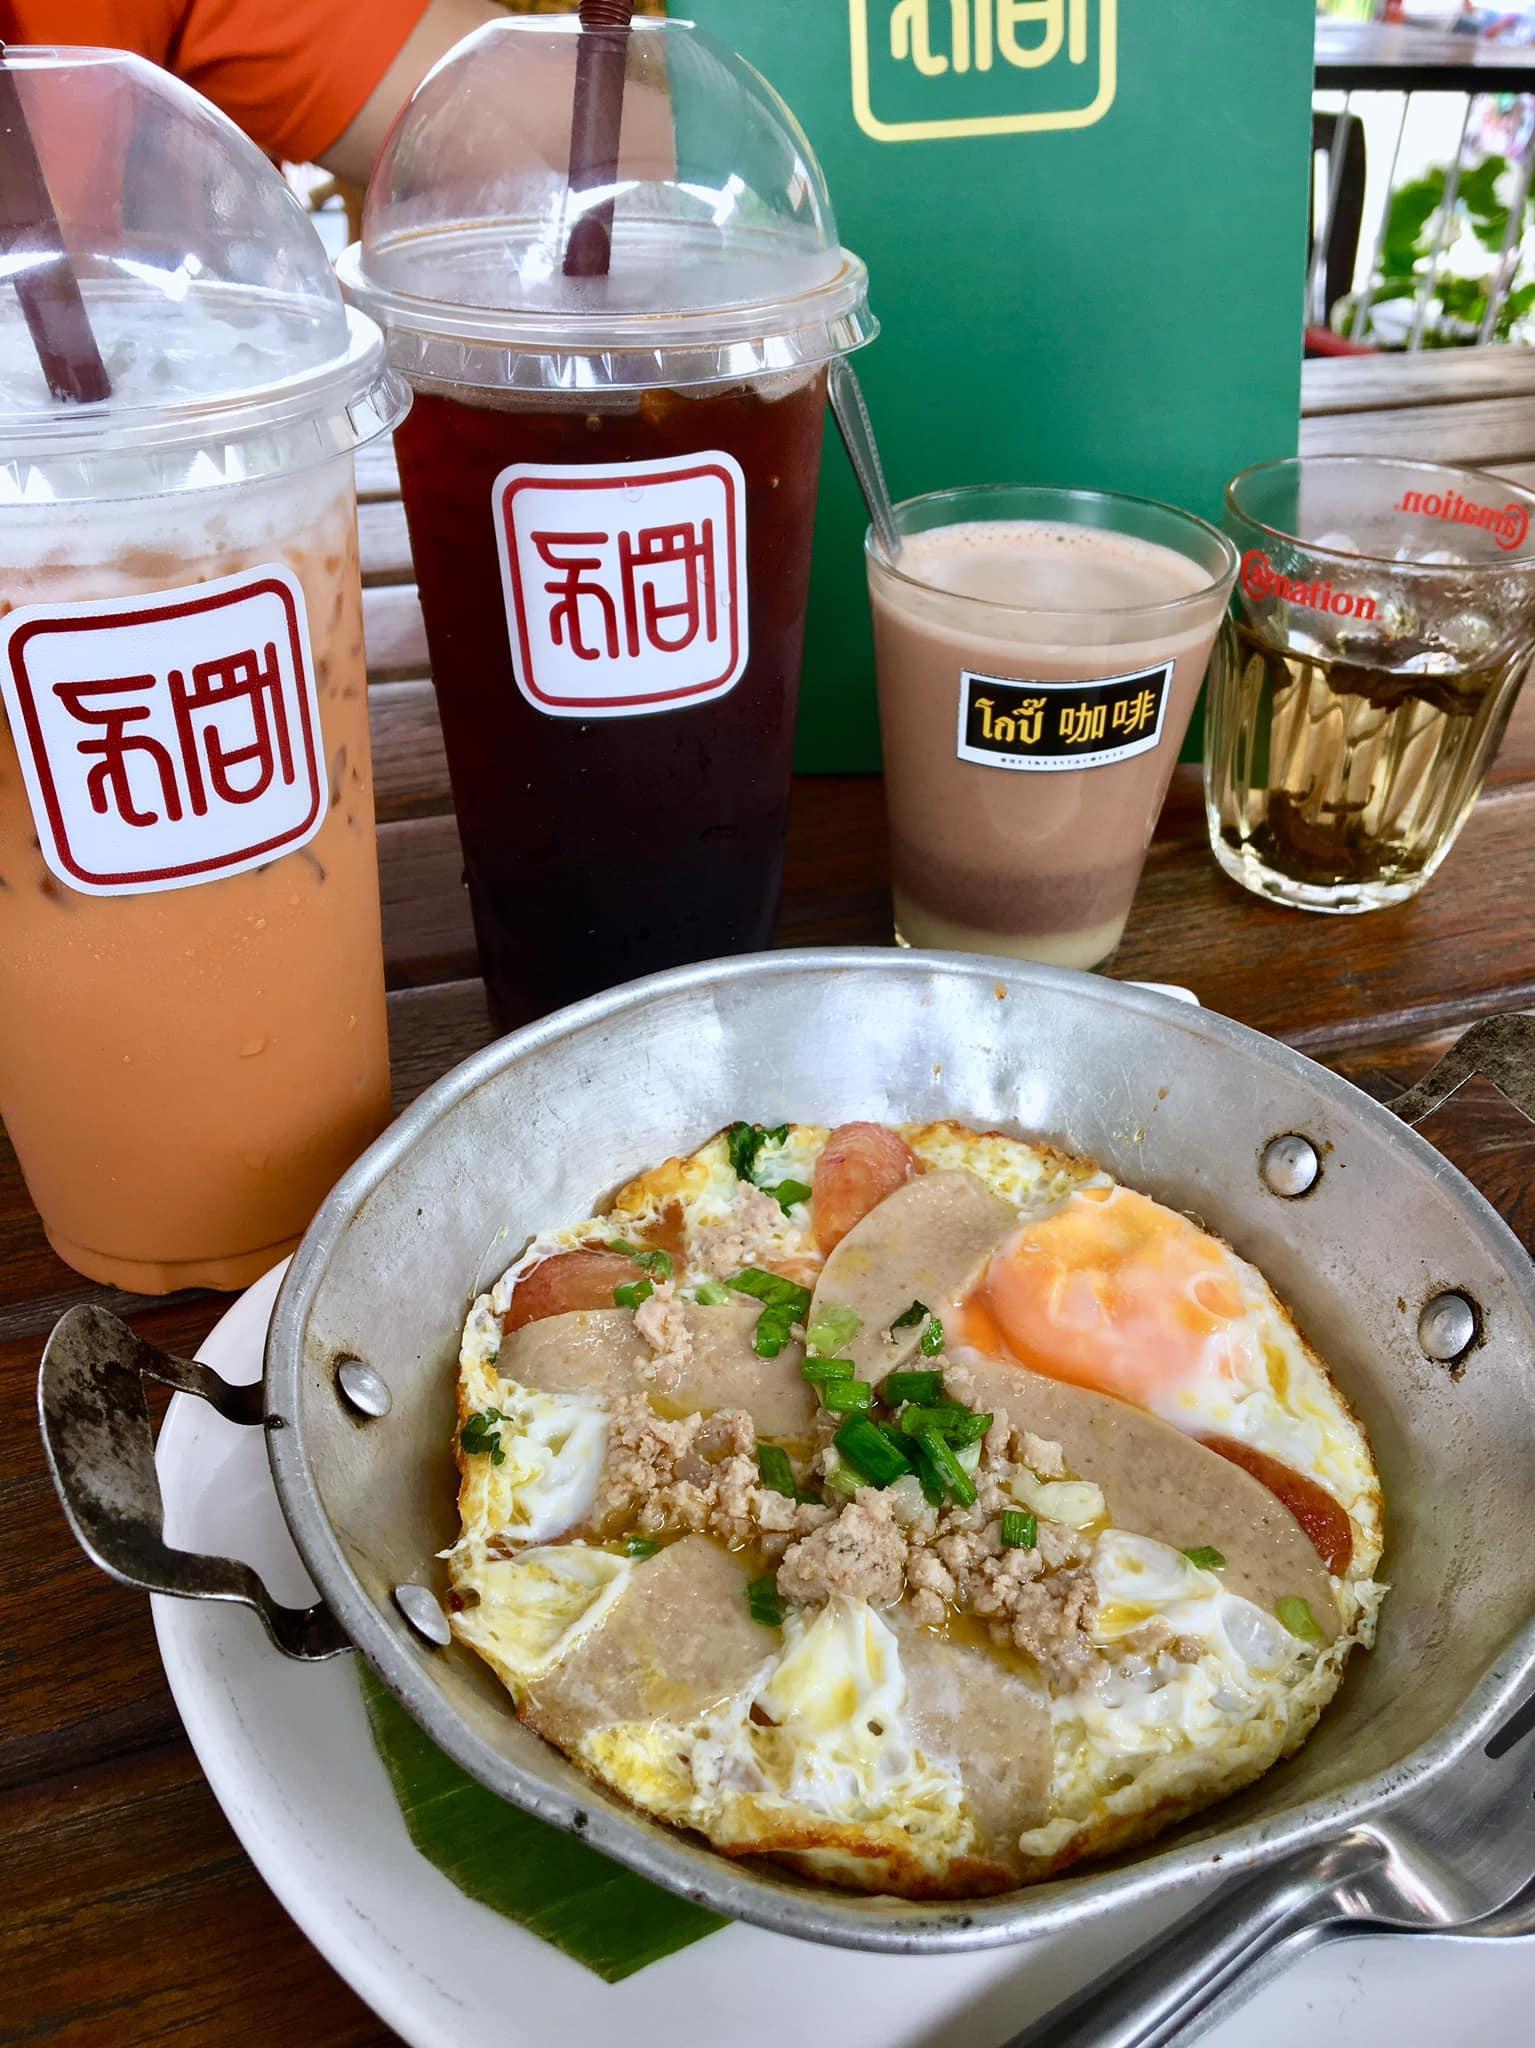 รีวิว โกปี๊คาเฟ่ นิมมาน ร้านอาหารเช้าและกลางวัน ตกแต่งสไตล์จีนทั้งร้าน ,  เปิดประสบการณ์,  Review,แบ่งปันประสบการณ์,รีวิวเกี่ยวกับร้านอาหารที่แสนอร่อย,Food review,  Travel review,Shopping review,Product review - Review Promote